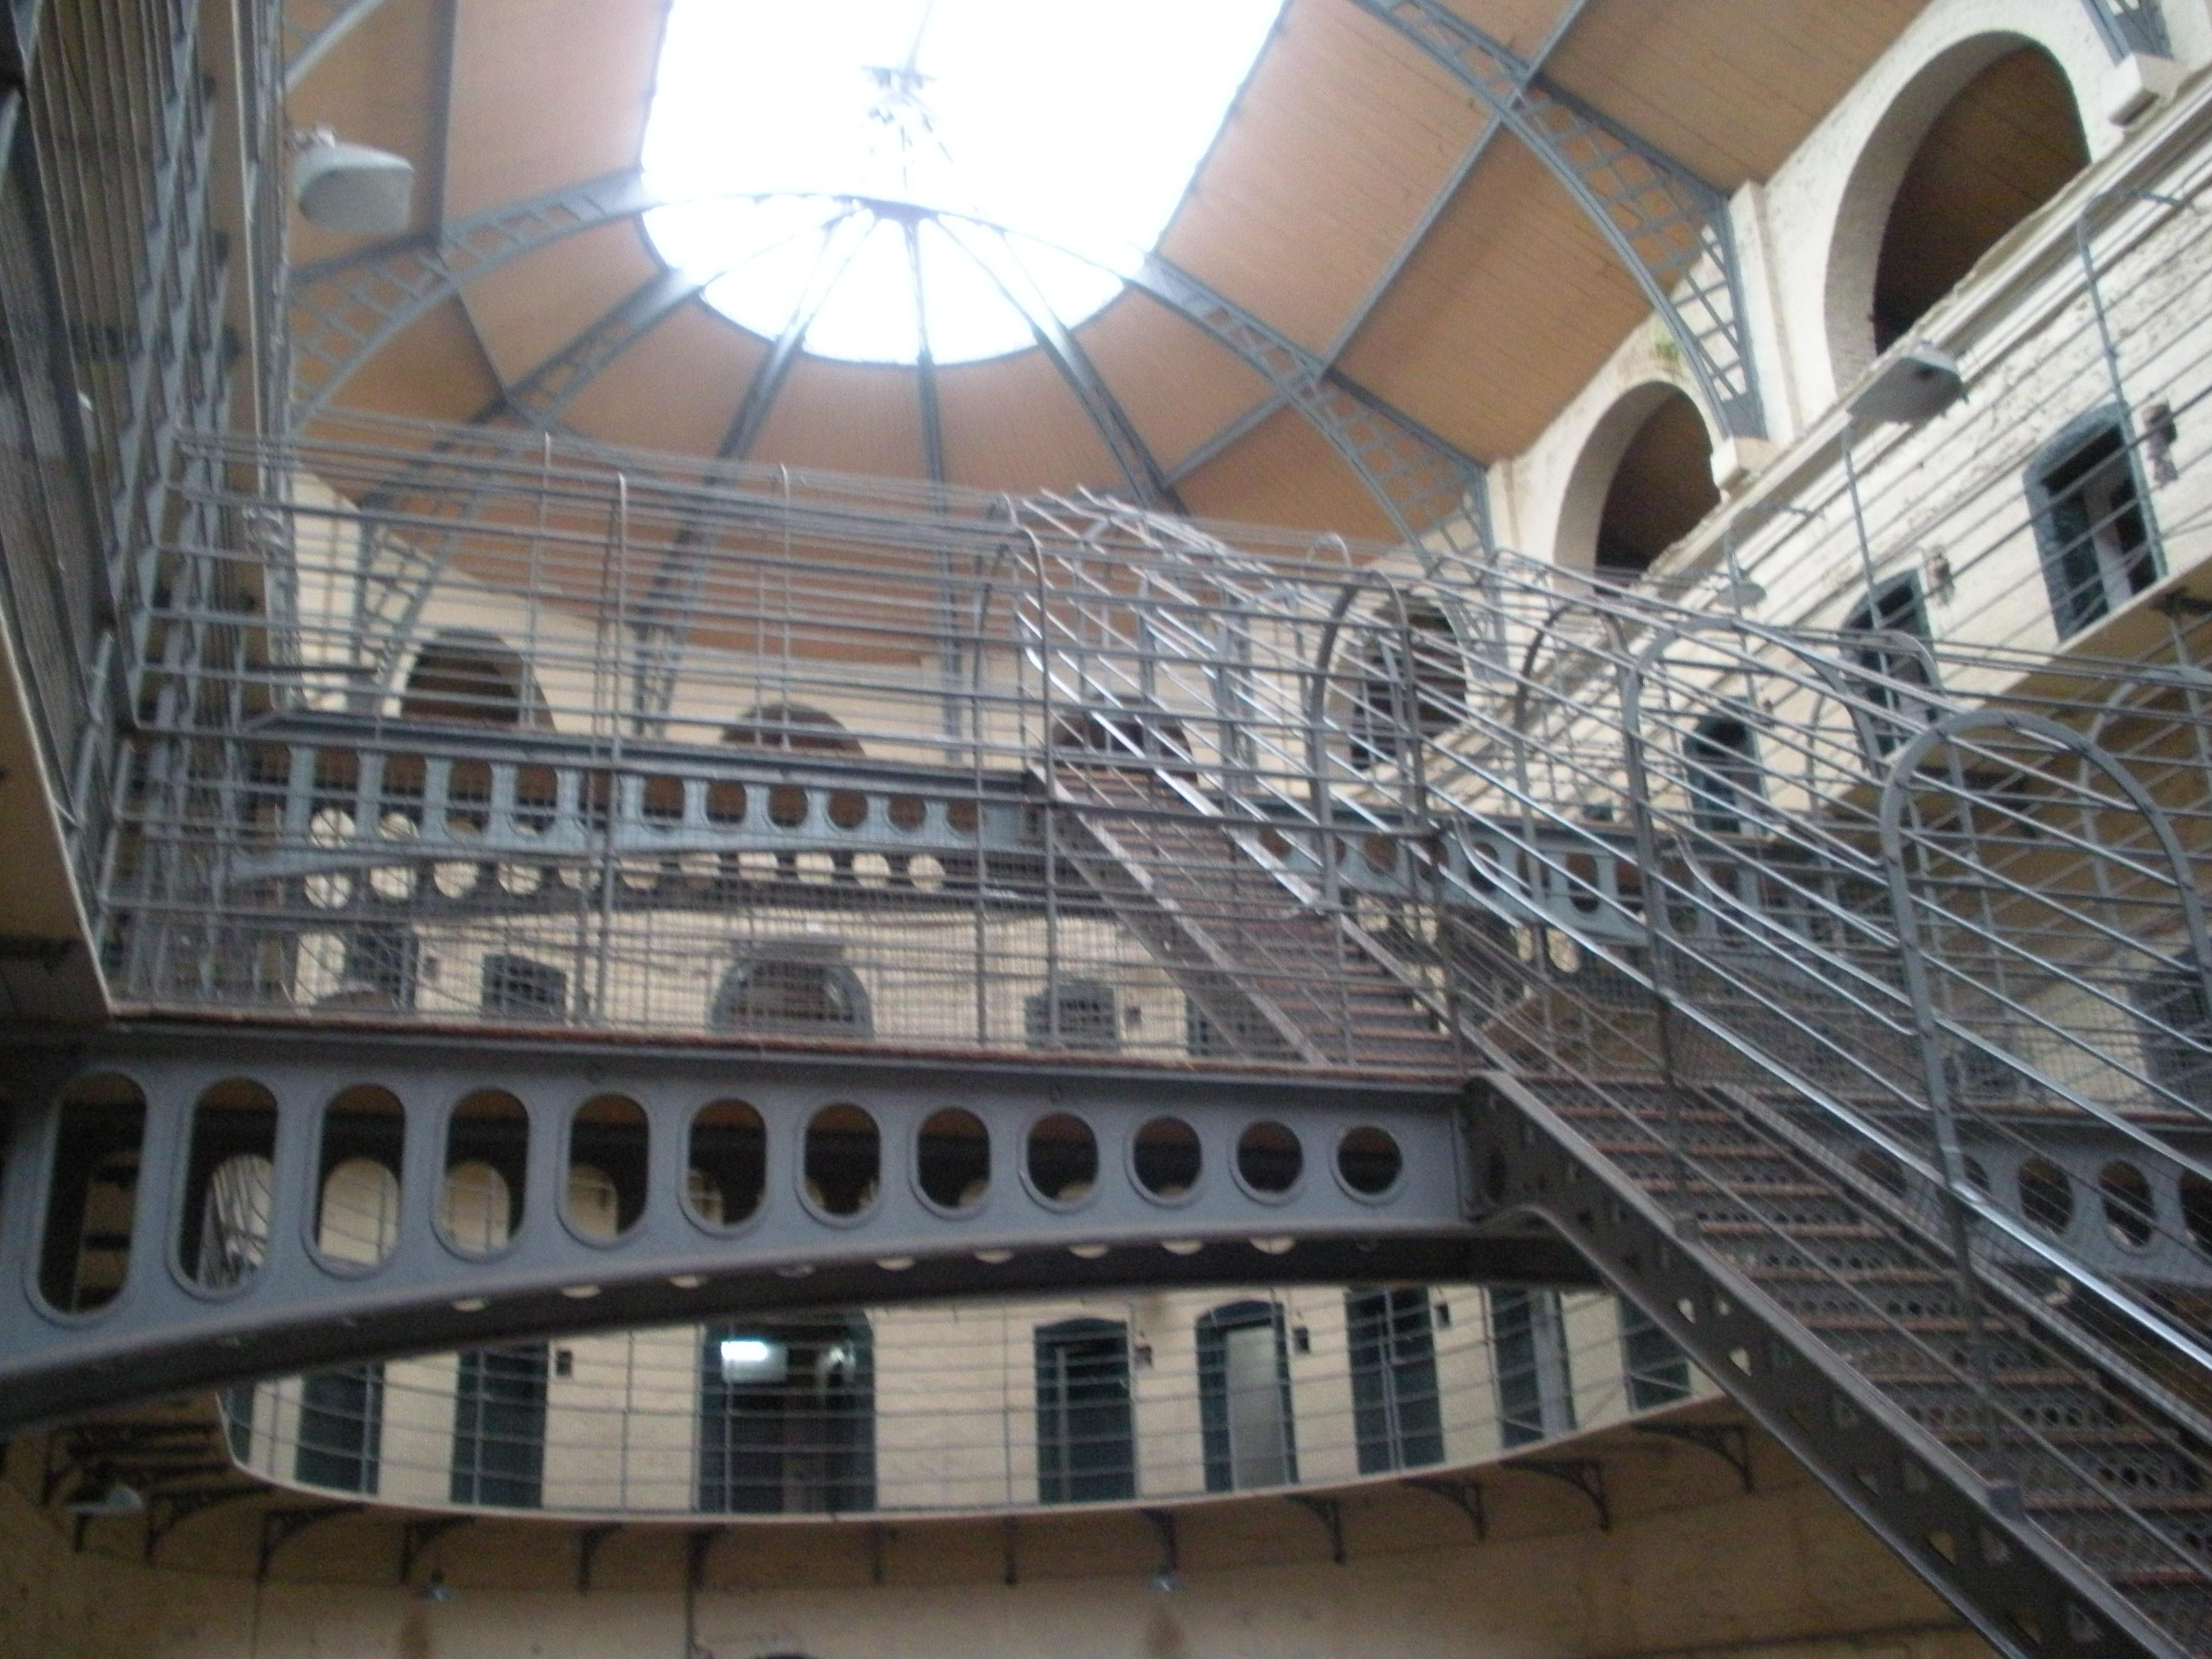 Dublin Modern Art Museums